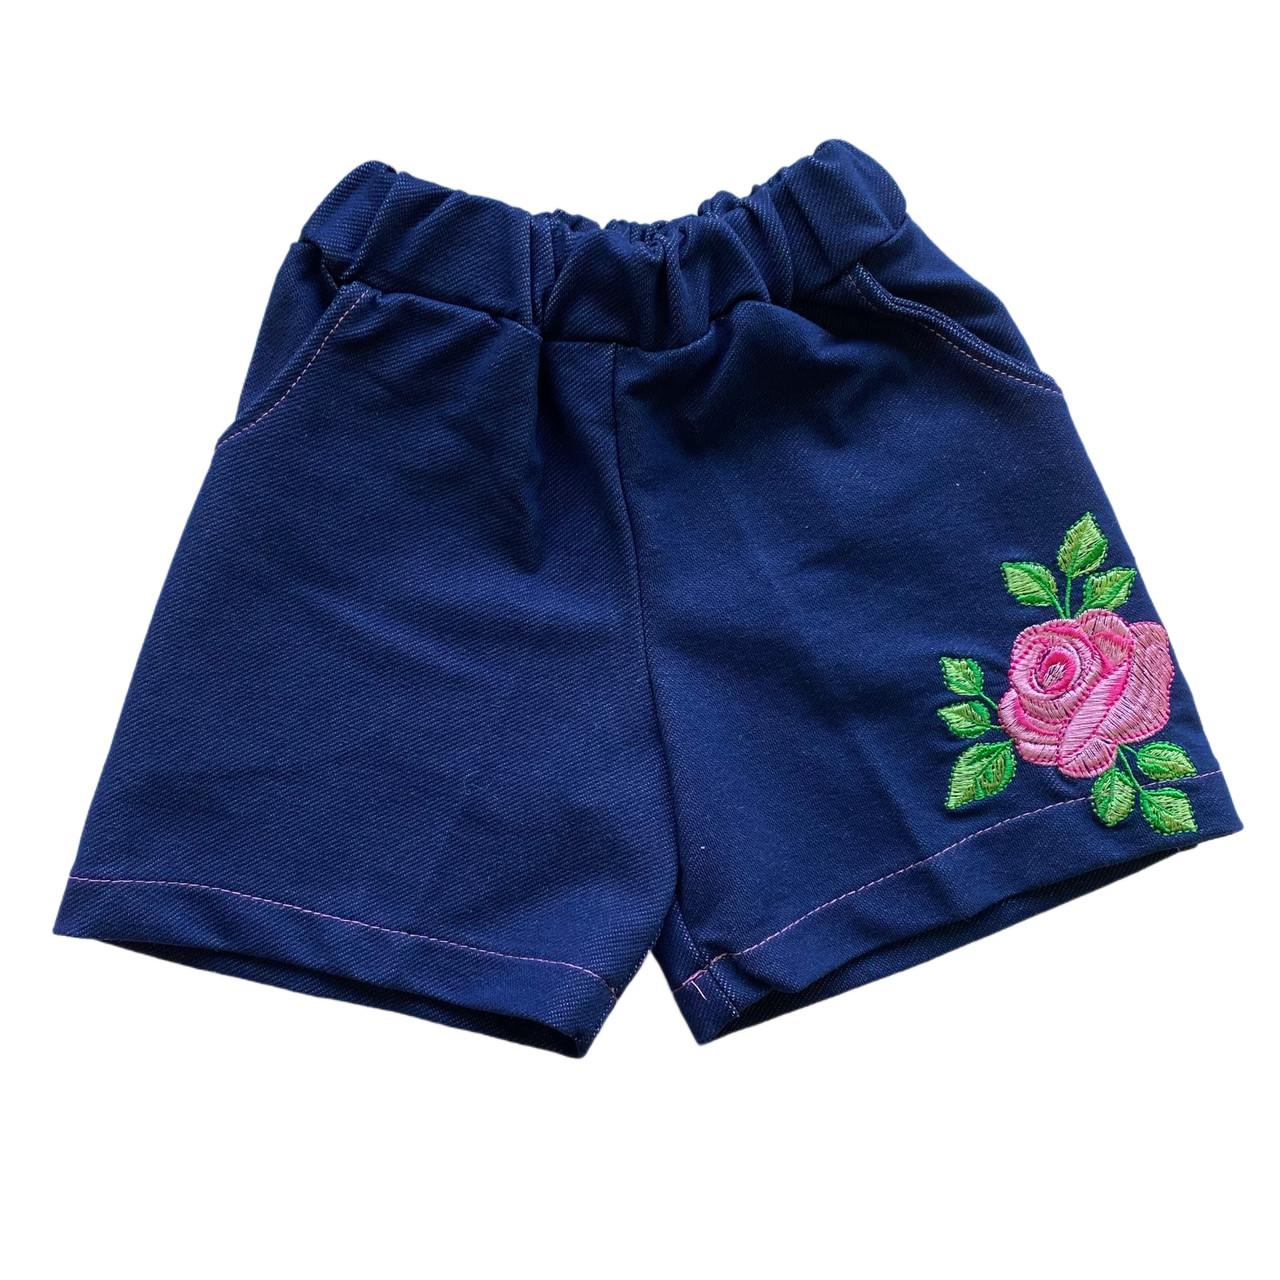 Дитячі шорти для дівчинки під джинс, 110см